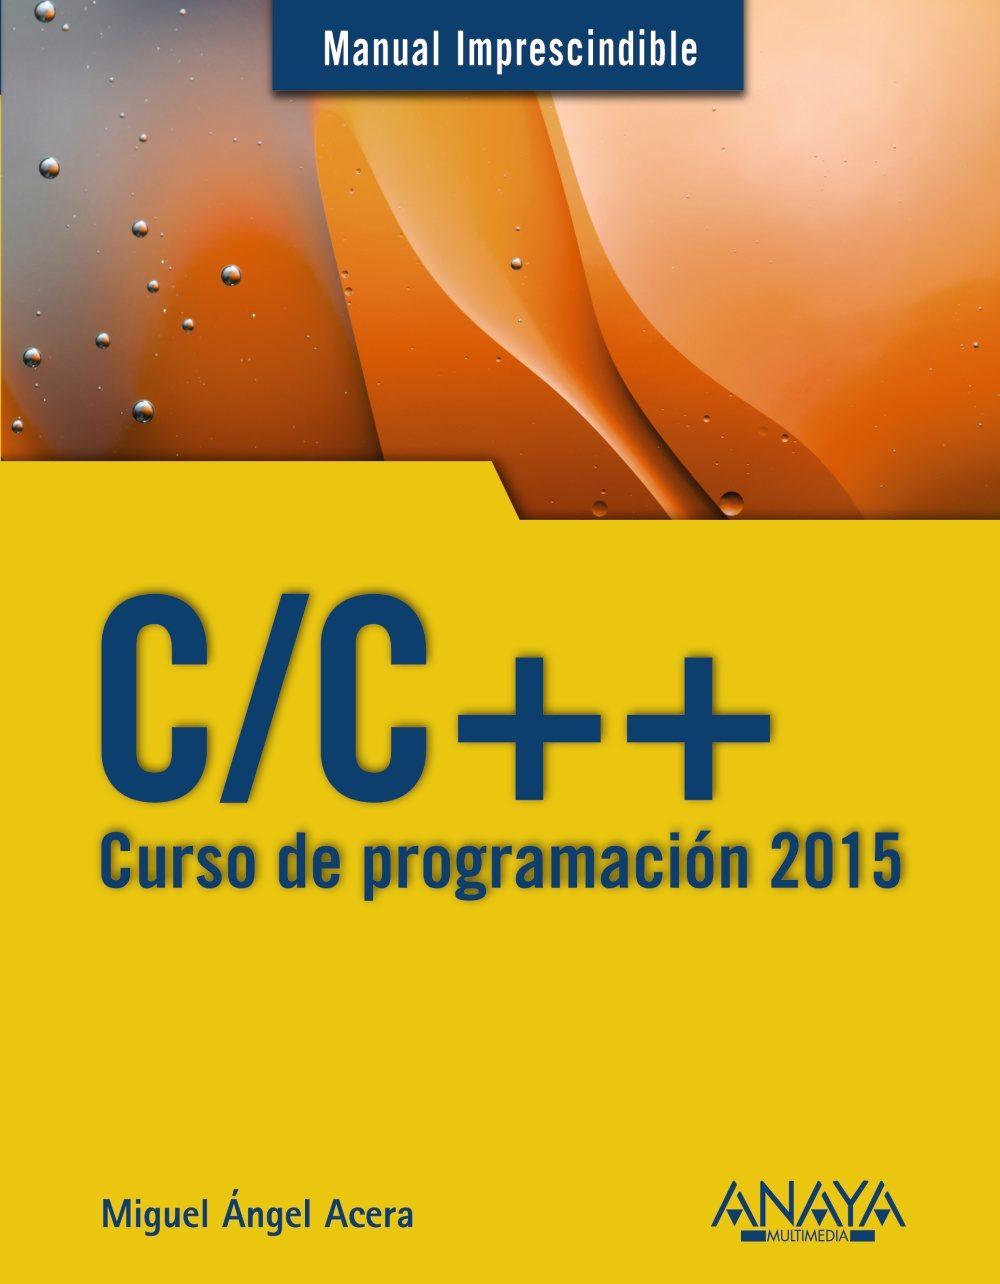 Resultado de imagen para Manual imprescindible C/C++: curso de programación 2015